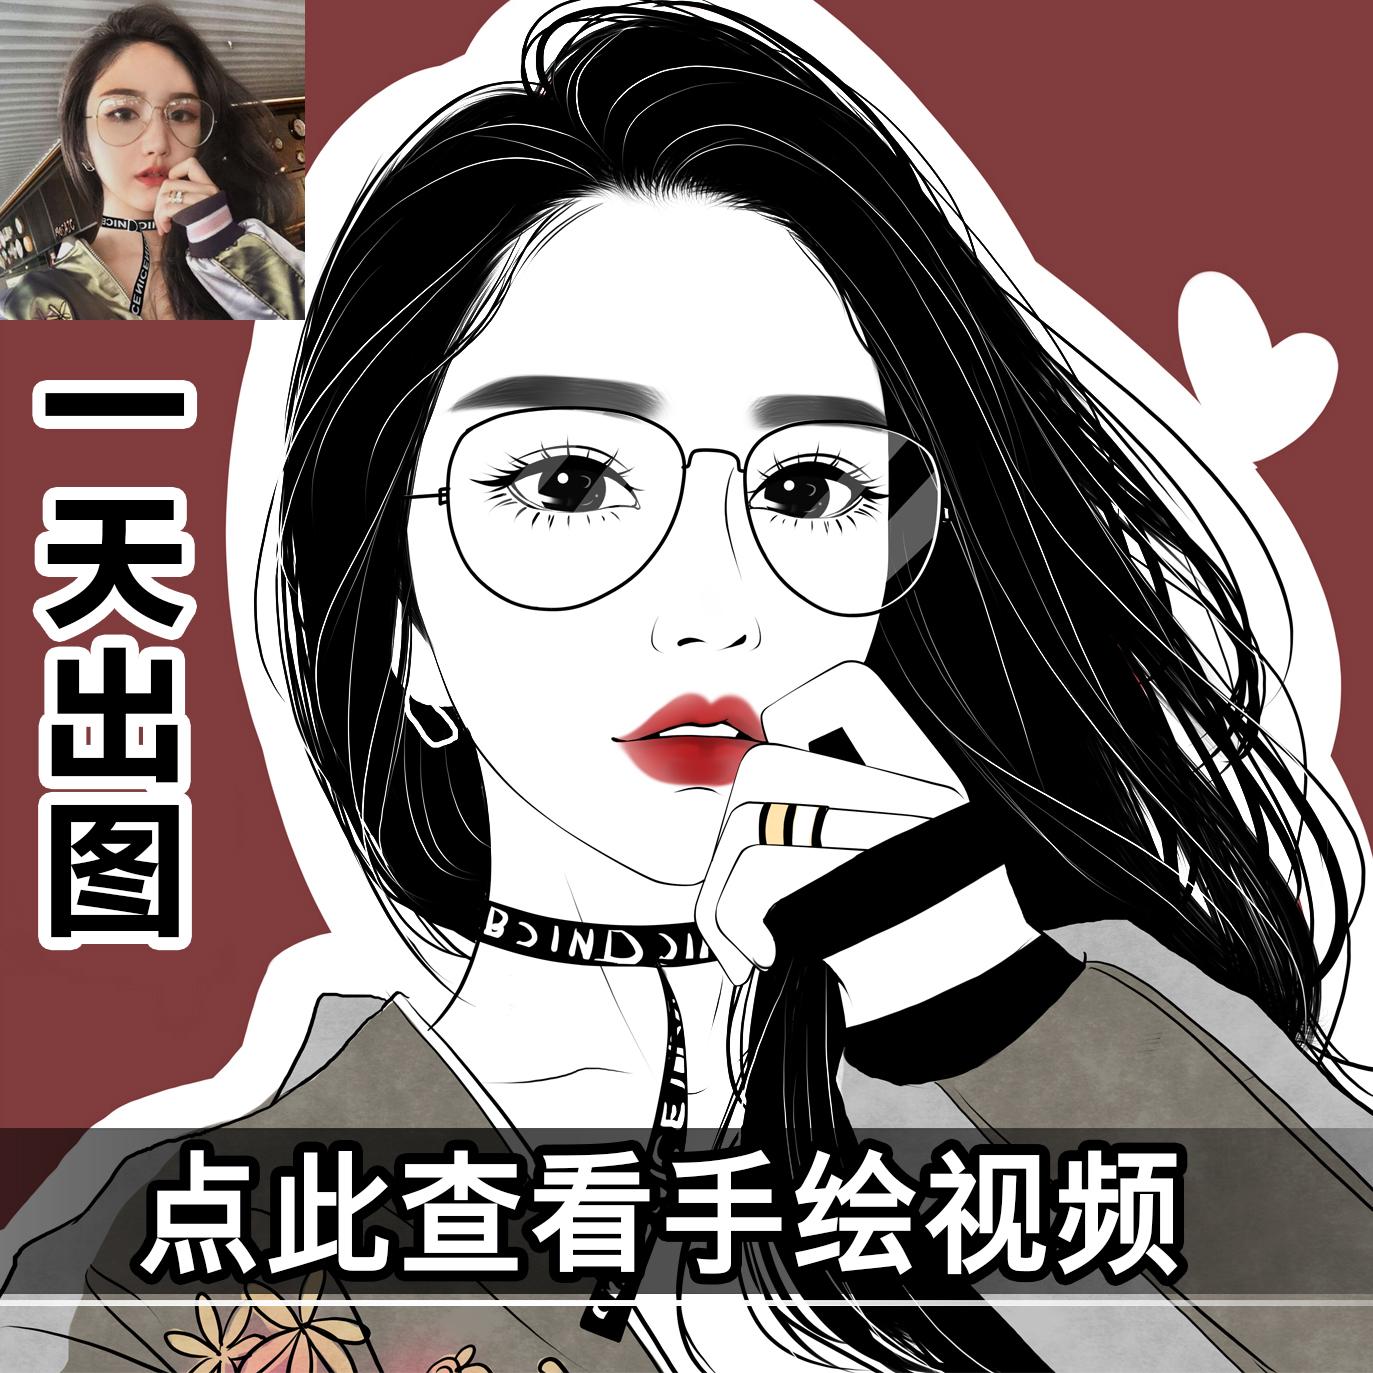 Рисованный аватар прохладно черный белый Реалистичный персонаж мультфильма Q версия Image Design logo Live Photo Manga